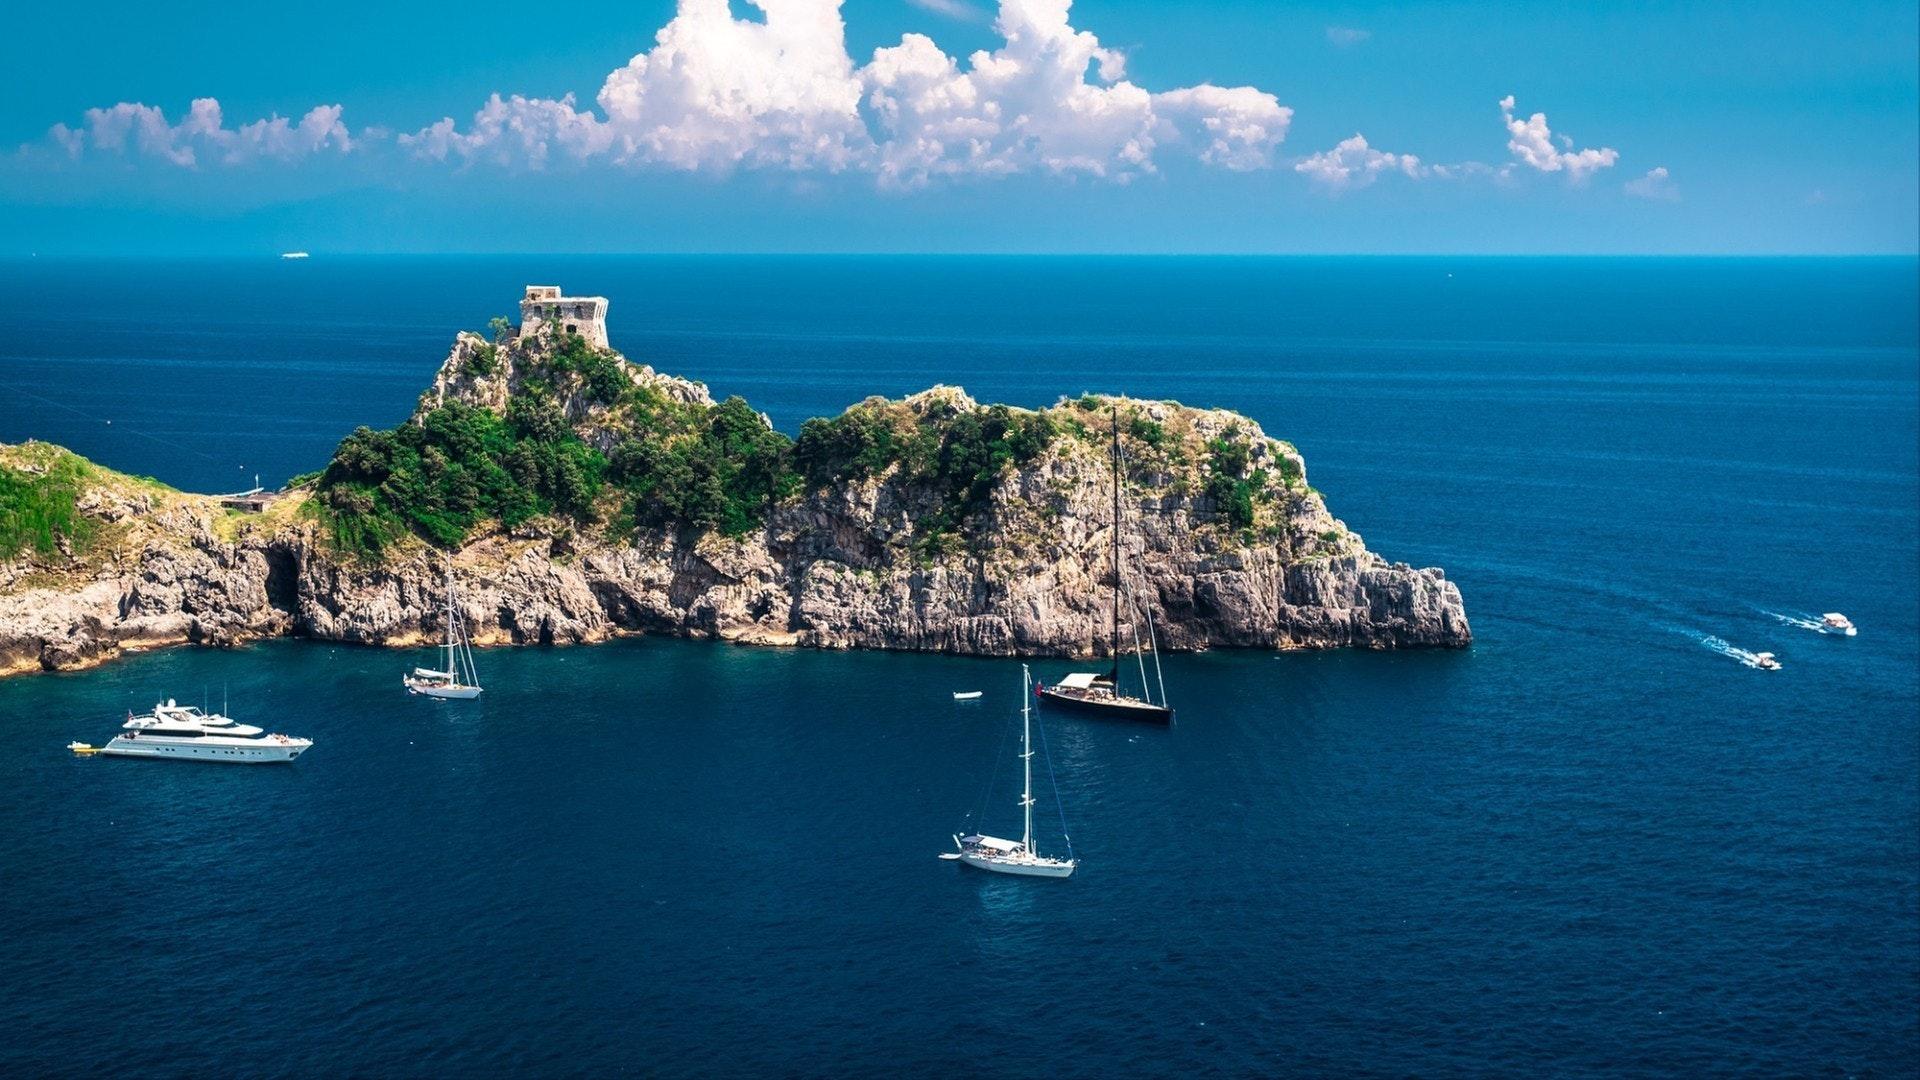 アマルフィ海岸 丘と地中海の素晴らしい風景。 イタリア